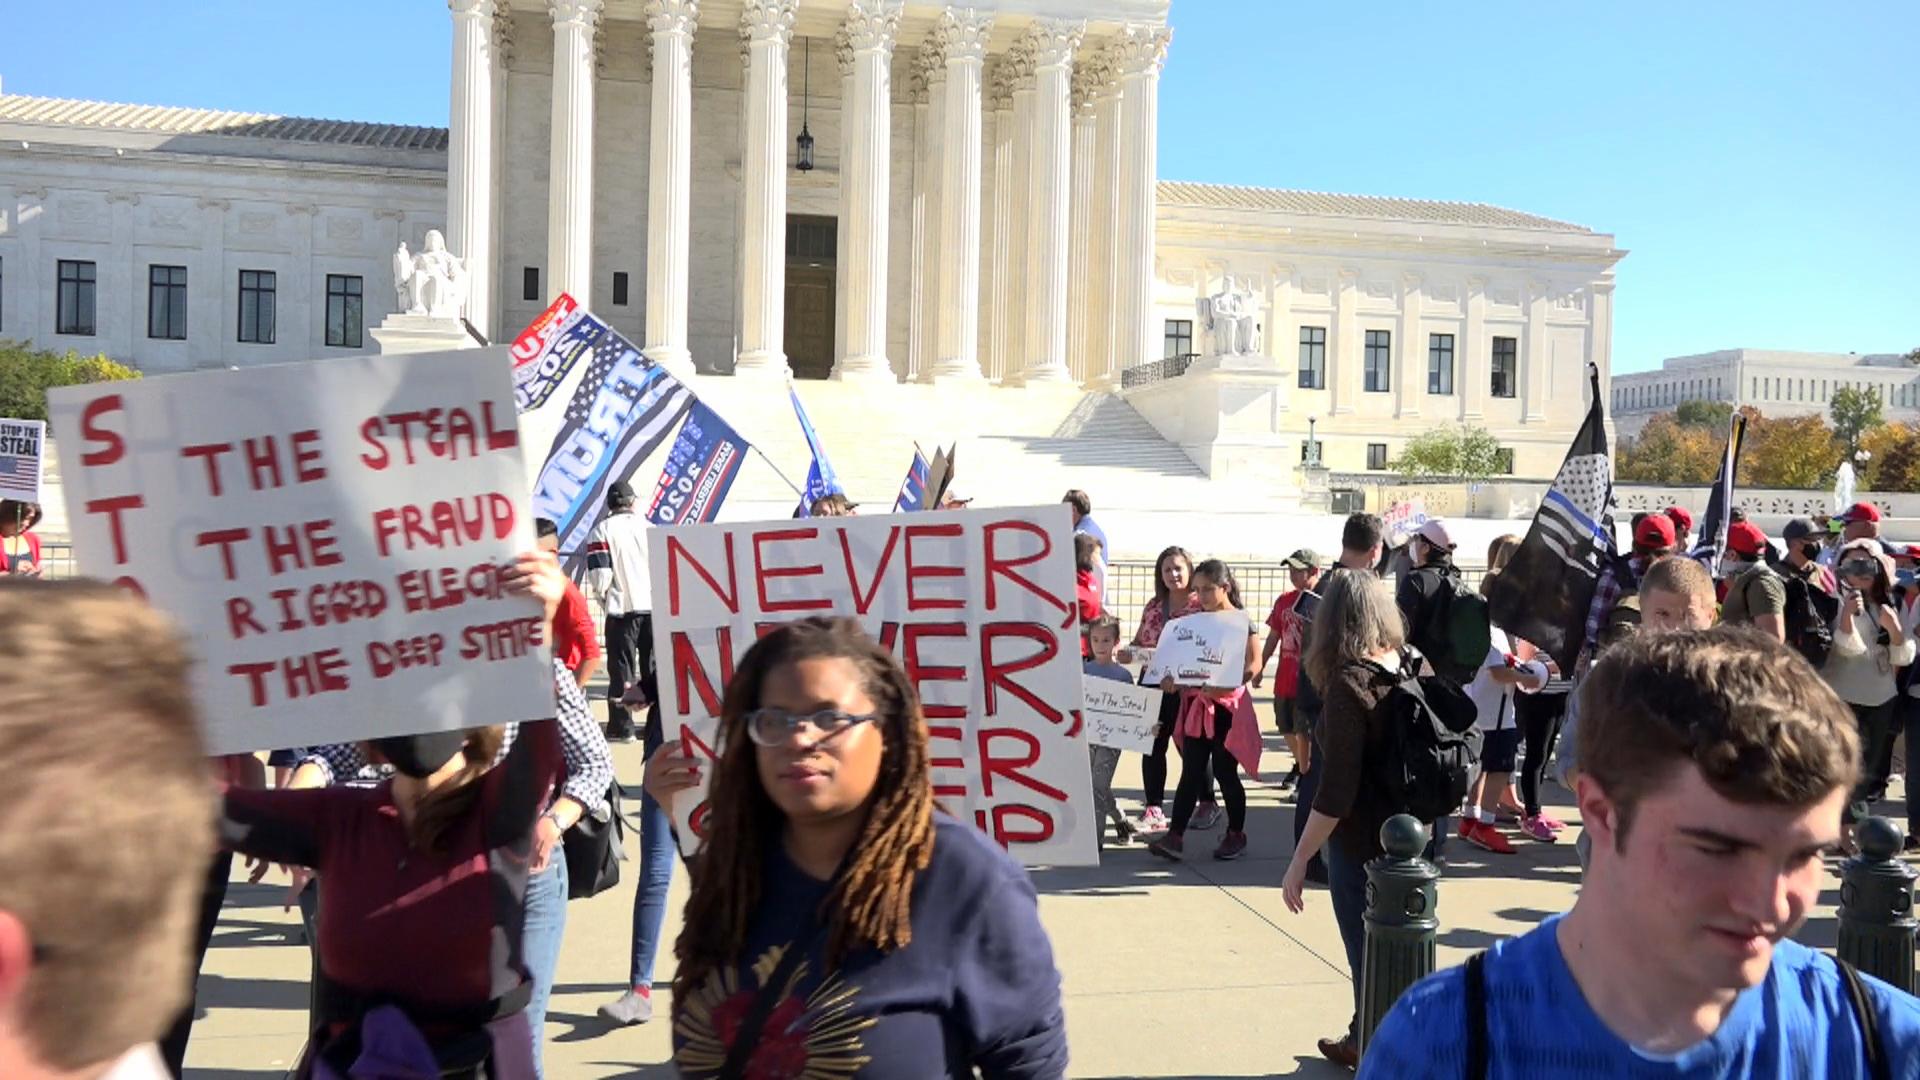 賓州共和黨:州最高法院應維持對上訴的裁決